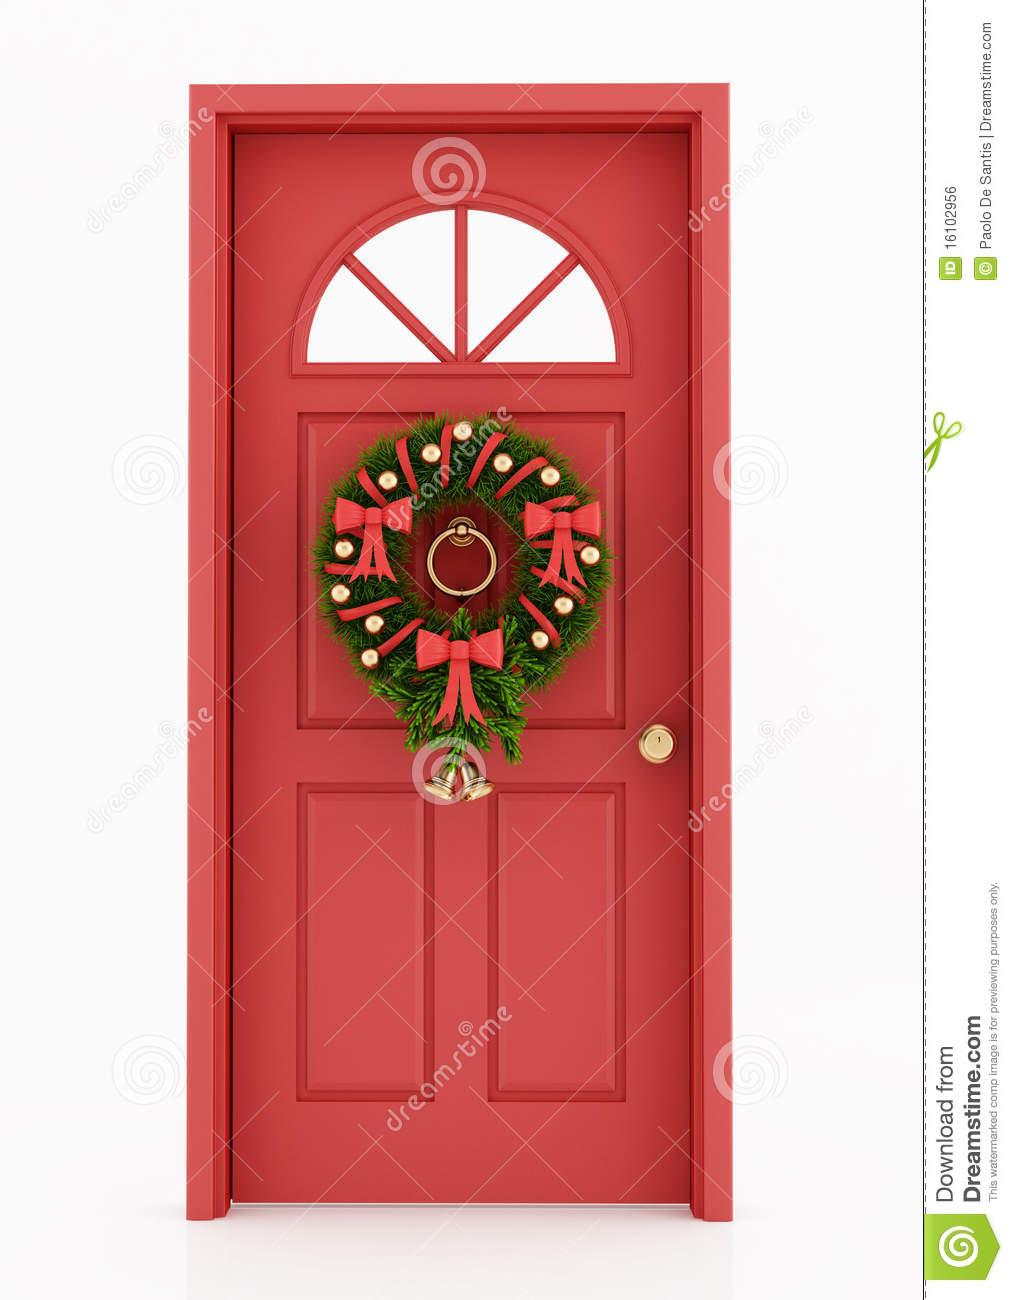 front door clipart images - photo #15